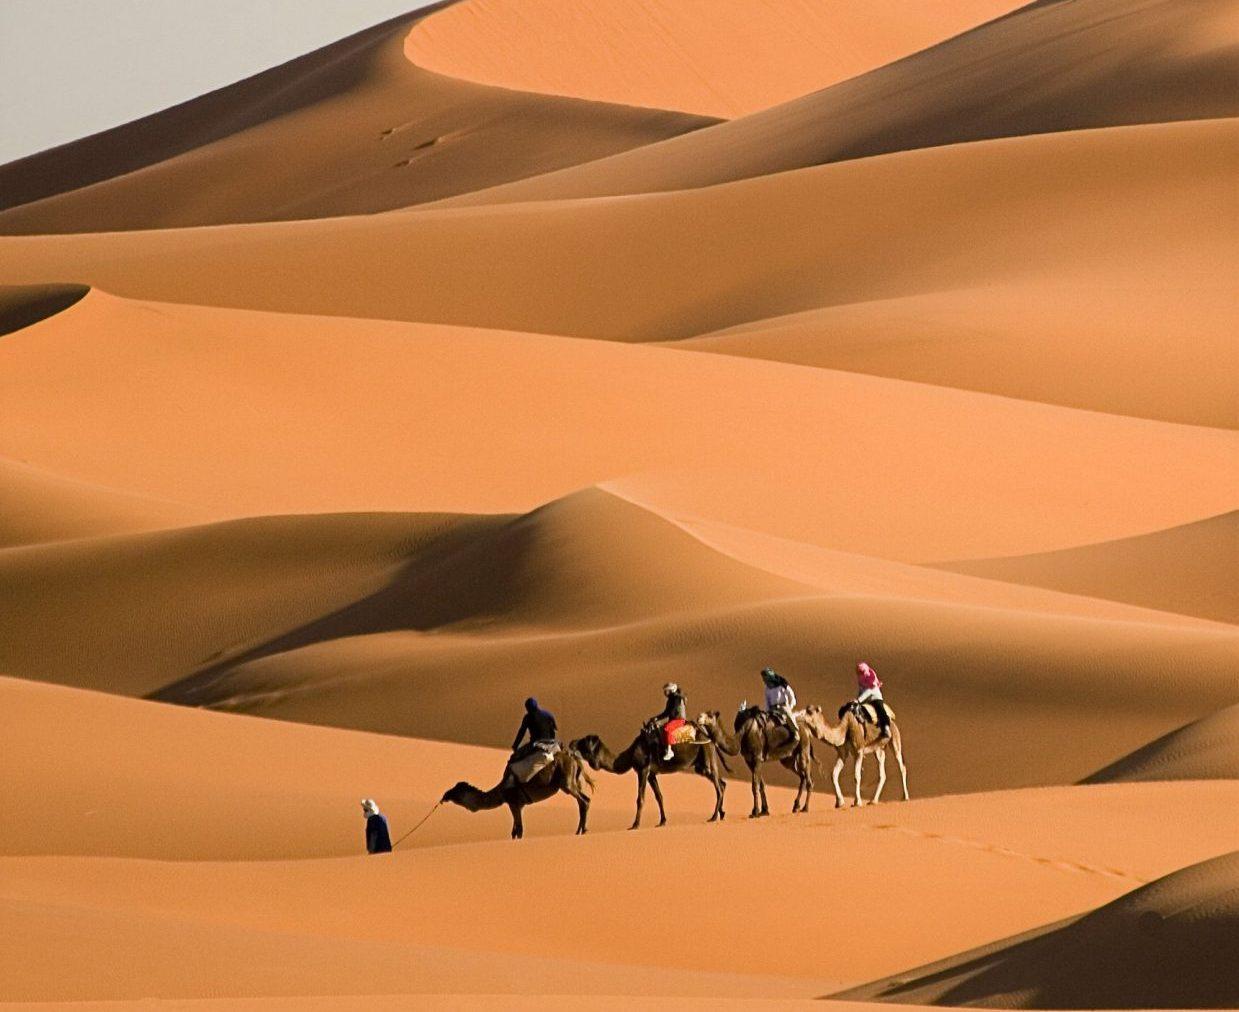 Tangier - Chefchaouen - Erg Chebbi and Marrakech 6